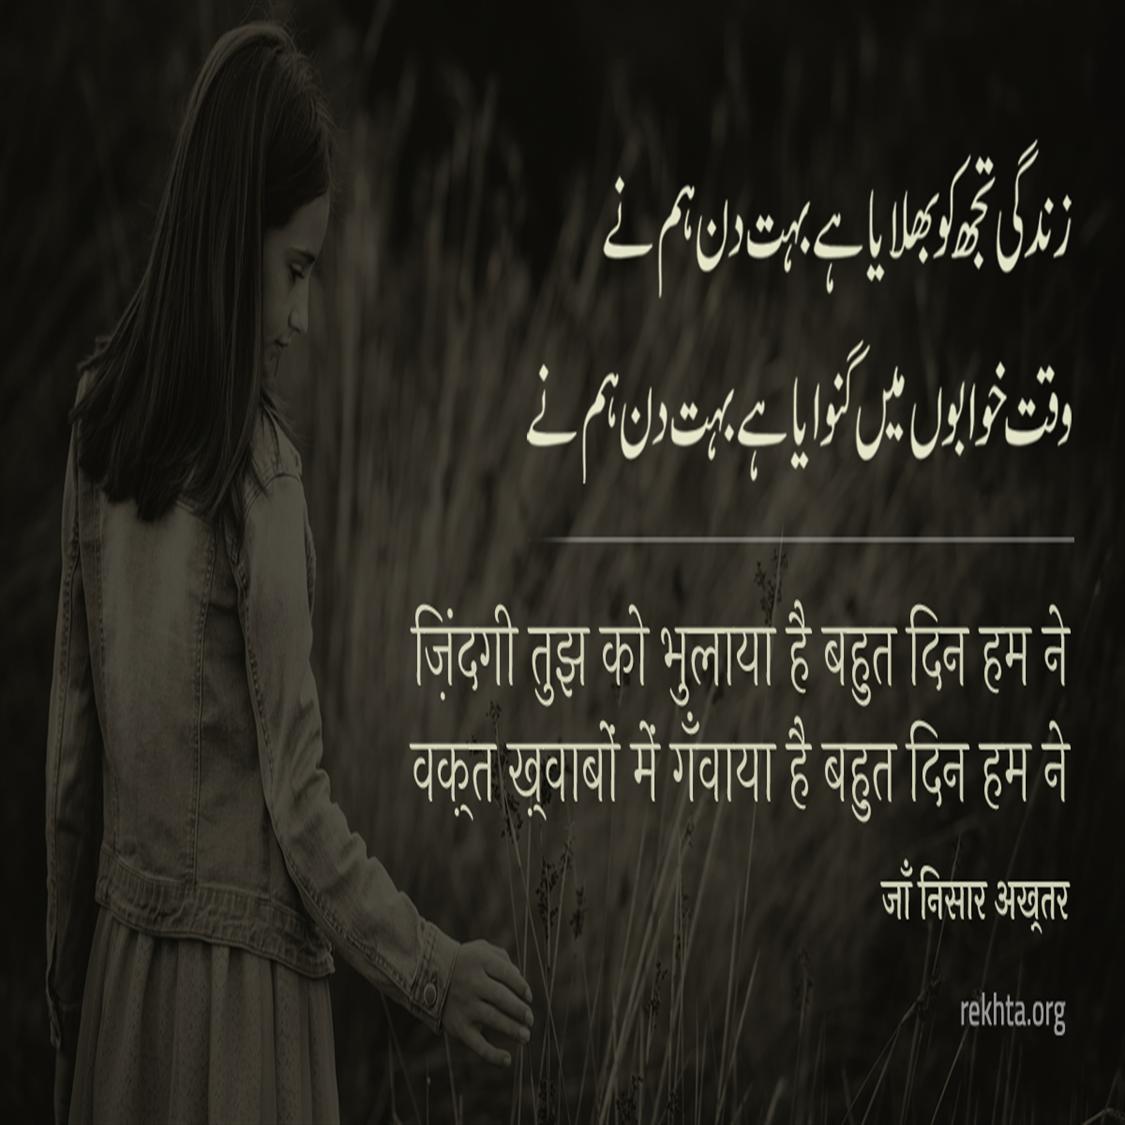 zindagii tujh ko bhulaayaa hai bahut din ham ne-Jaan Nisar Akhtar